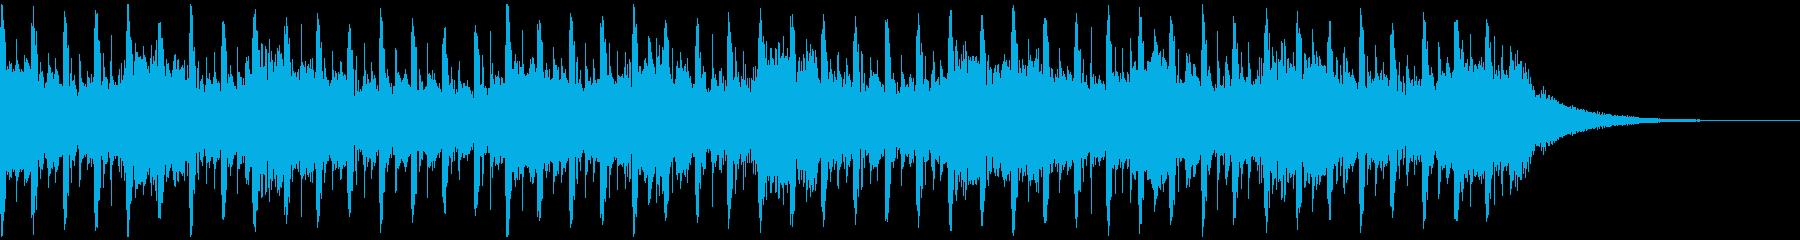 バックグラウンドインタビュー(30秒)の再生済みの波形